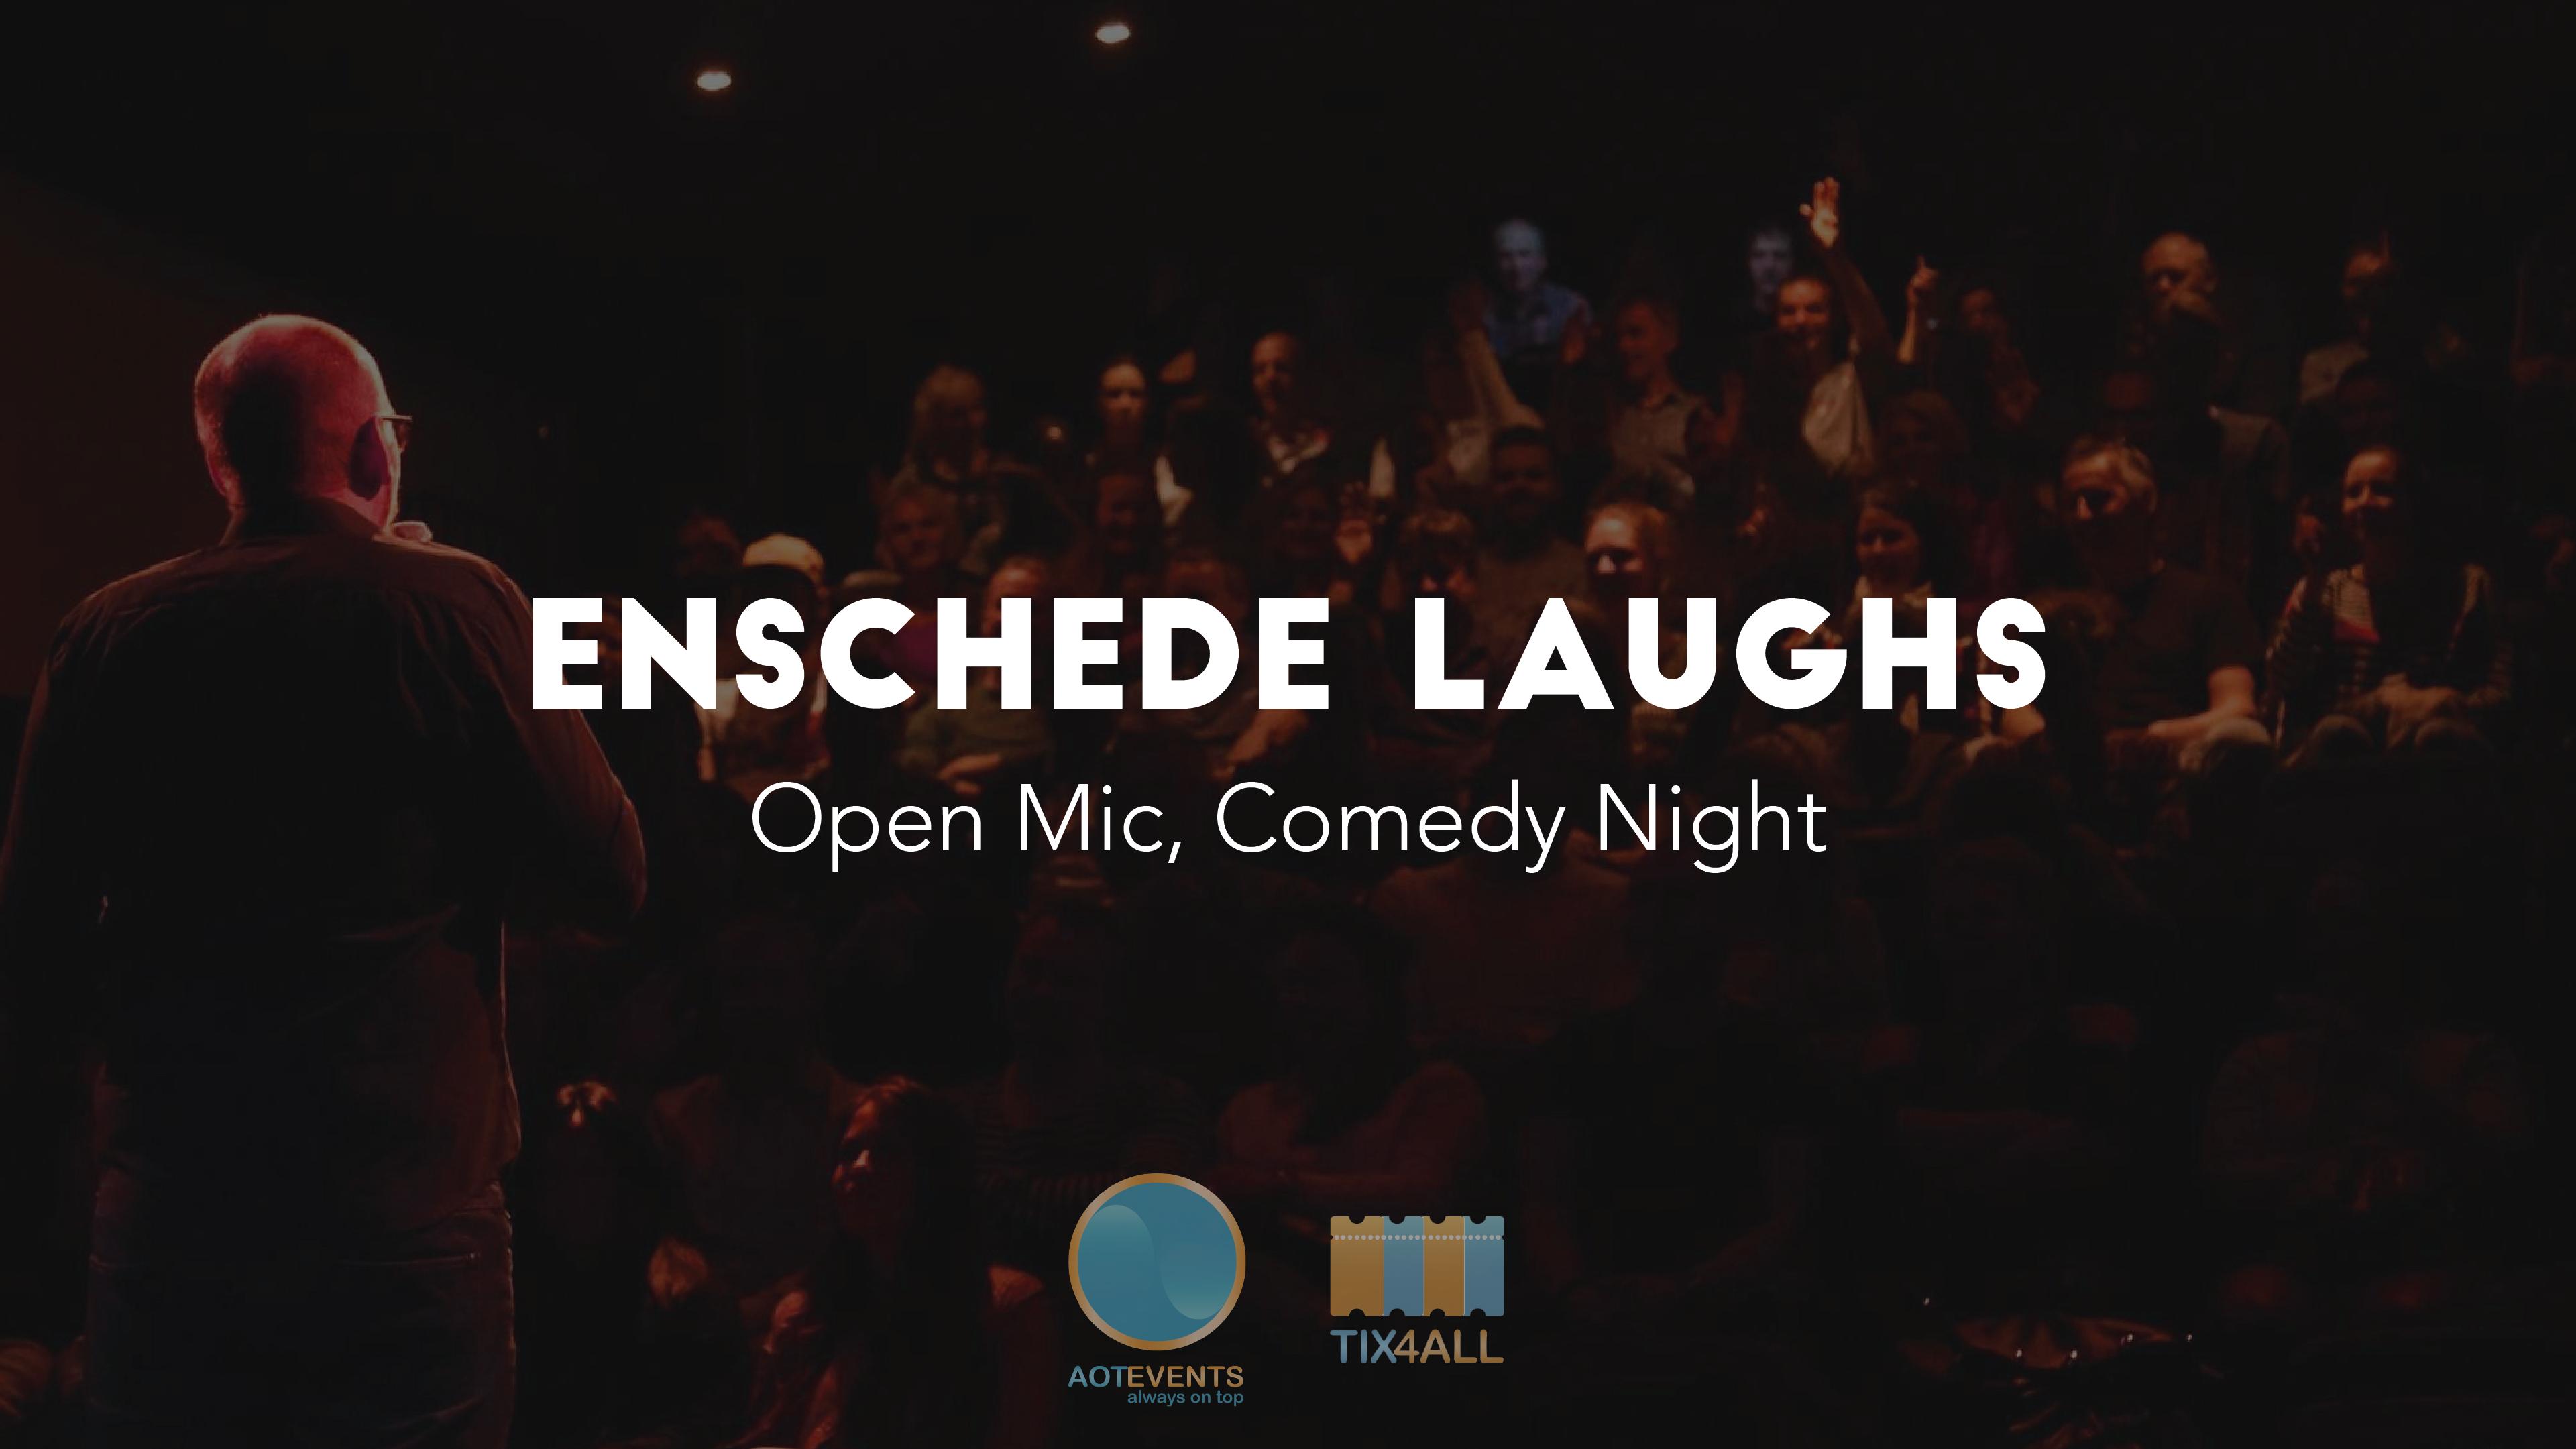 Ticket kopen voor evenement Enschede Laughs: Open Mic, Comedy Night